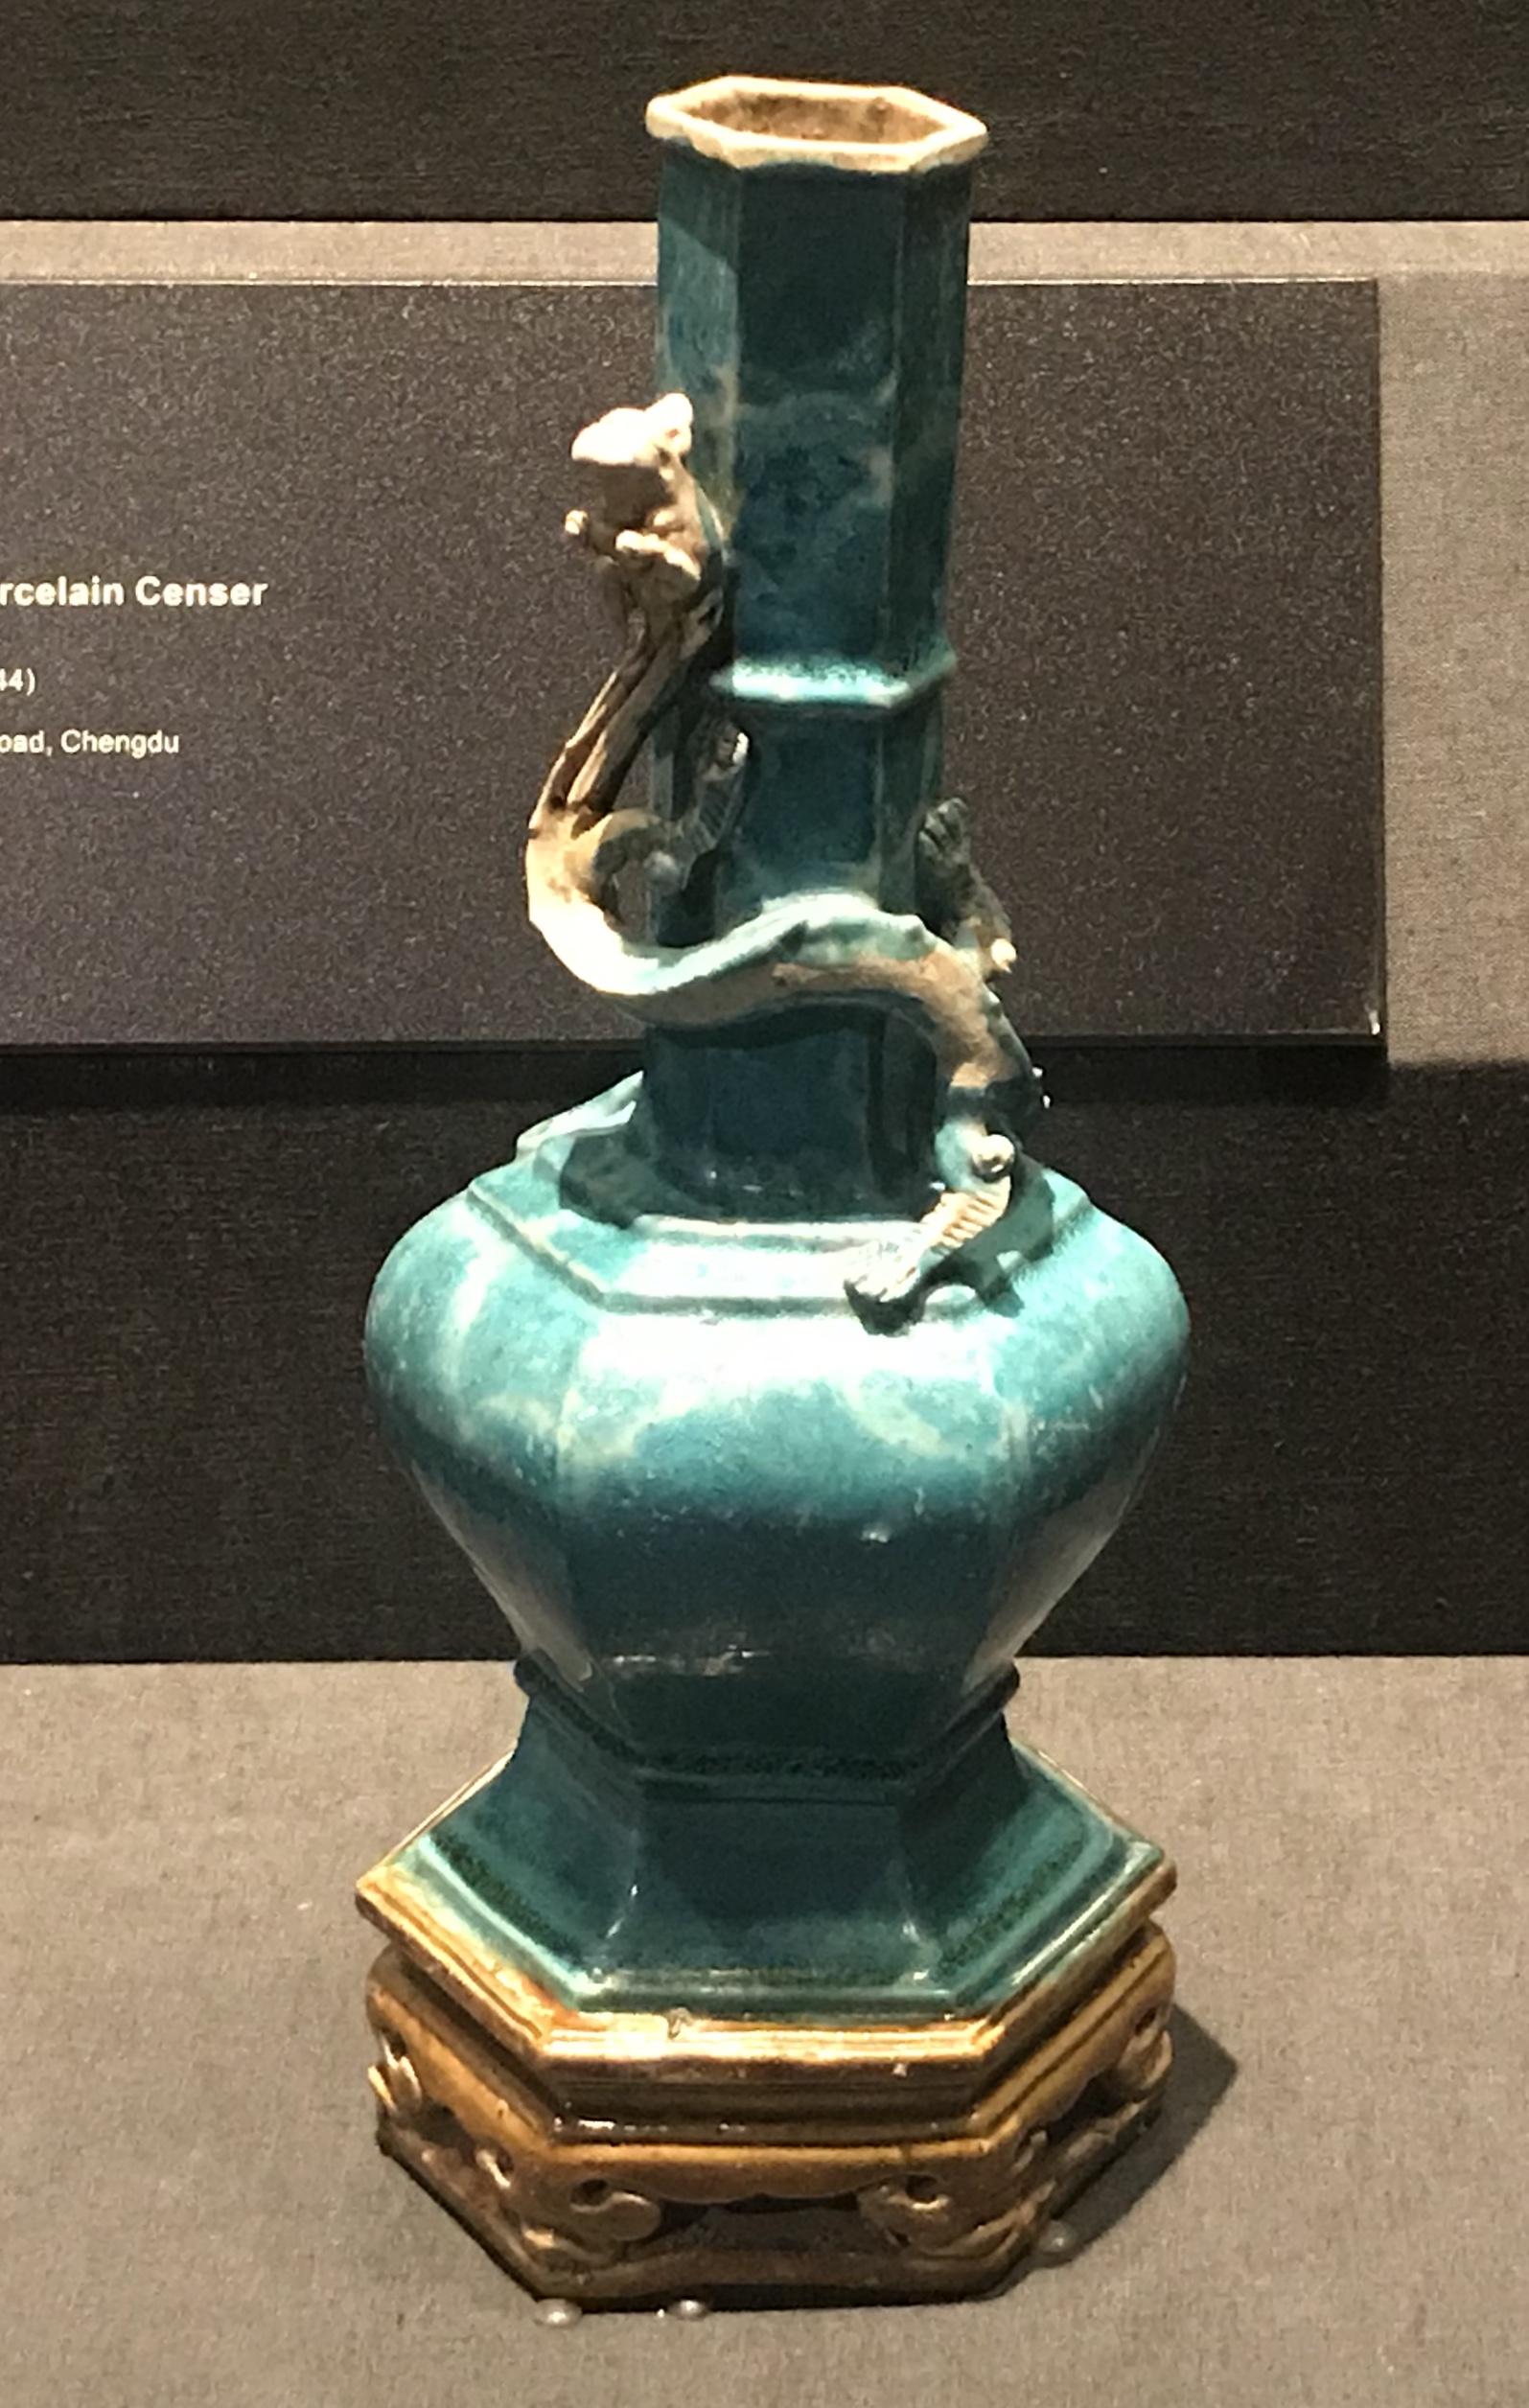 琺華堆塑龍紋磁瓶-明清時代-常設展F3-成都博物館